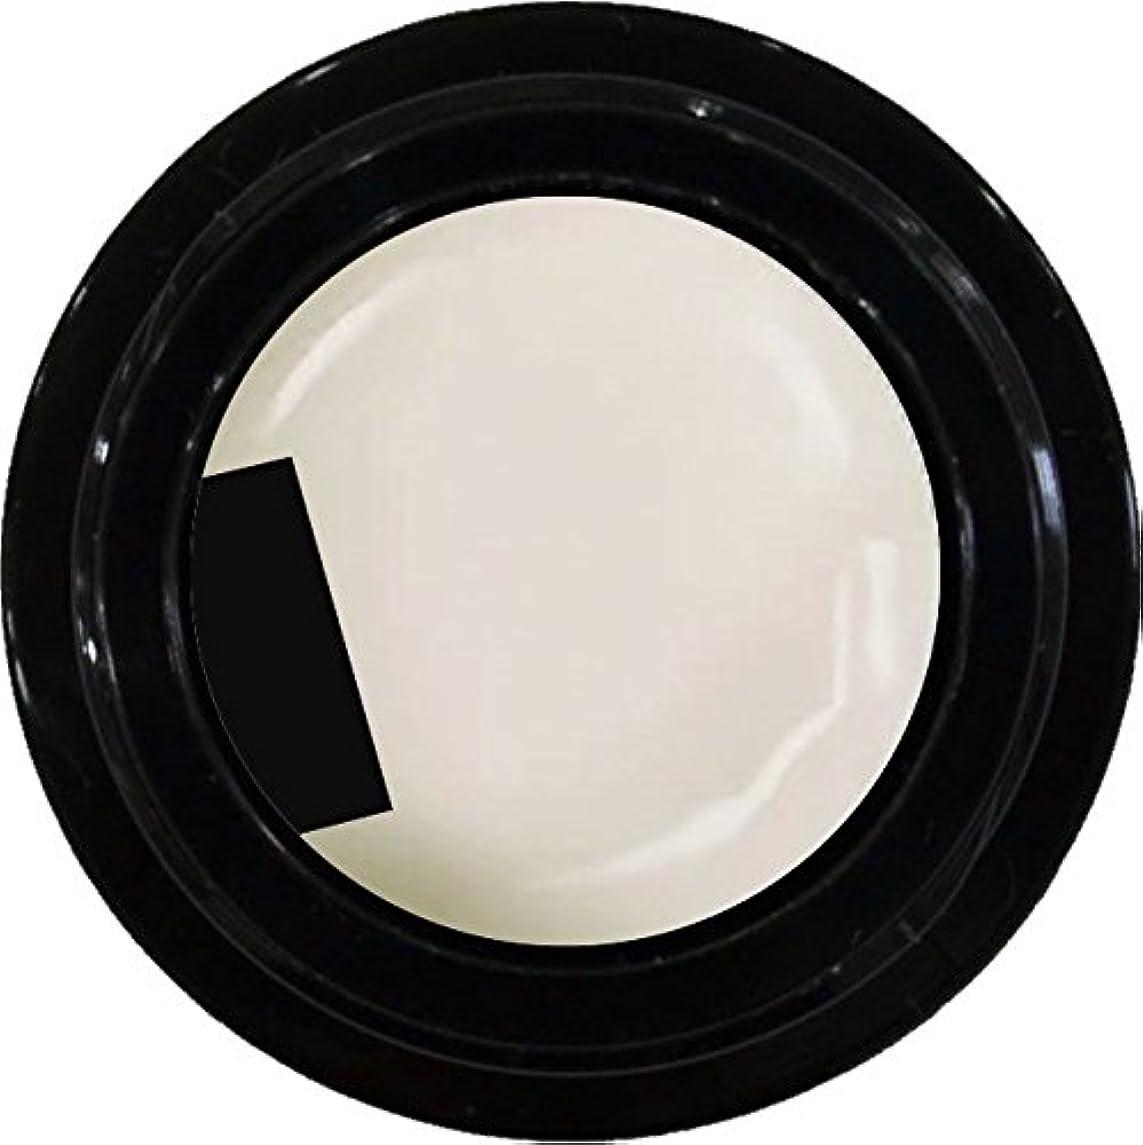 アピール教室不適切なカラージェル enchant color gel M005 RetroWhite 3g/ マットカラージェル M005 レトロホワイト 3グラム